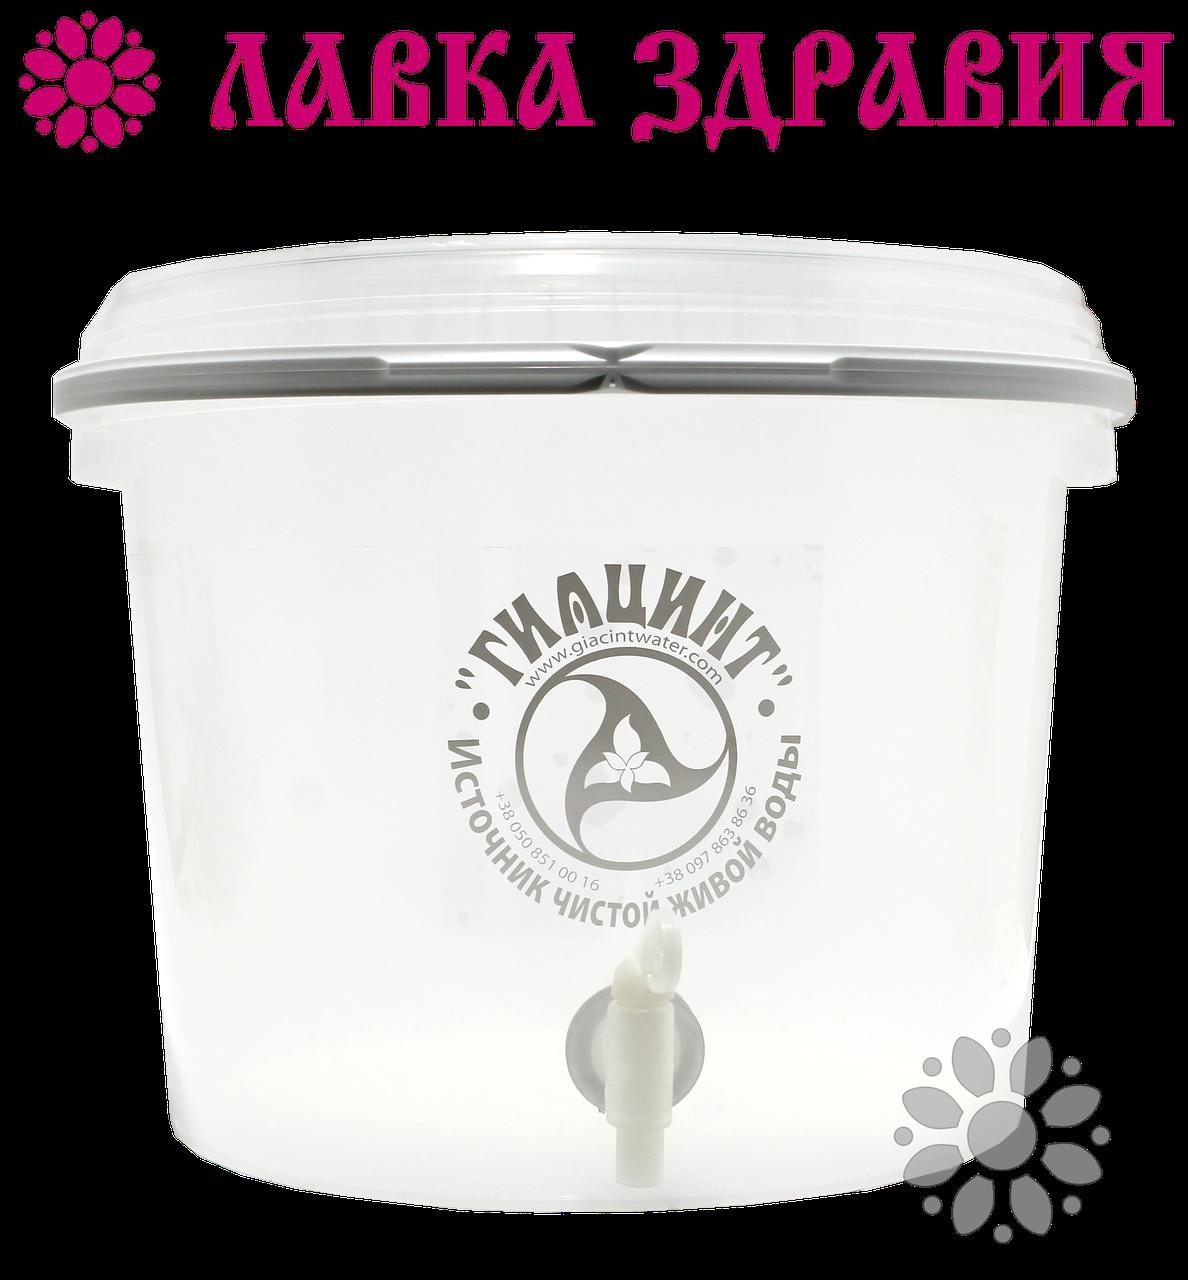 Емкость (ведро) для очищения воды с помощью коагулянта на 10 литров